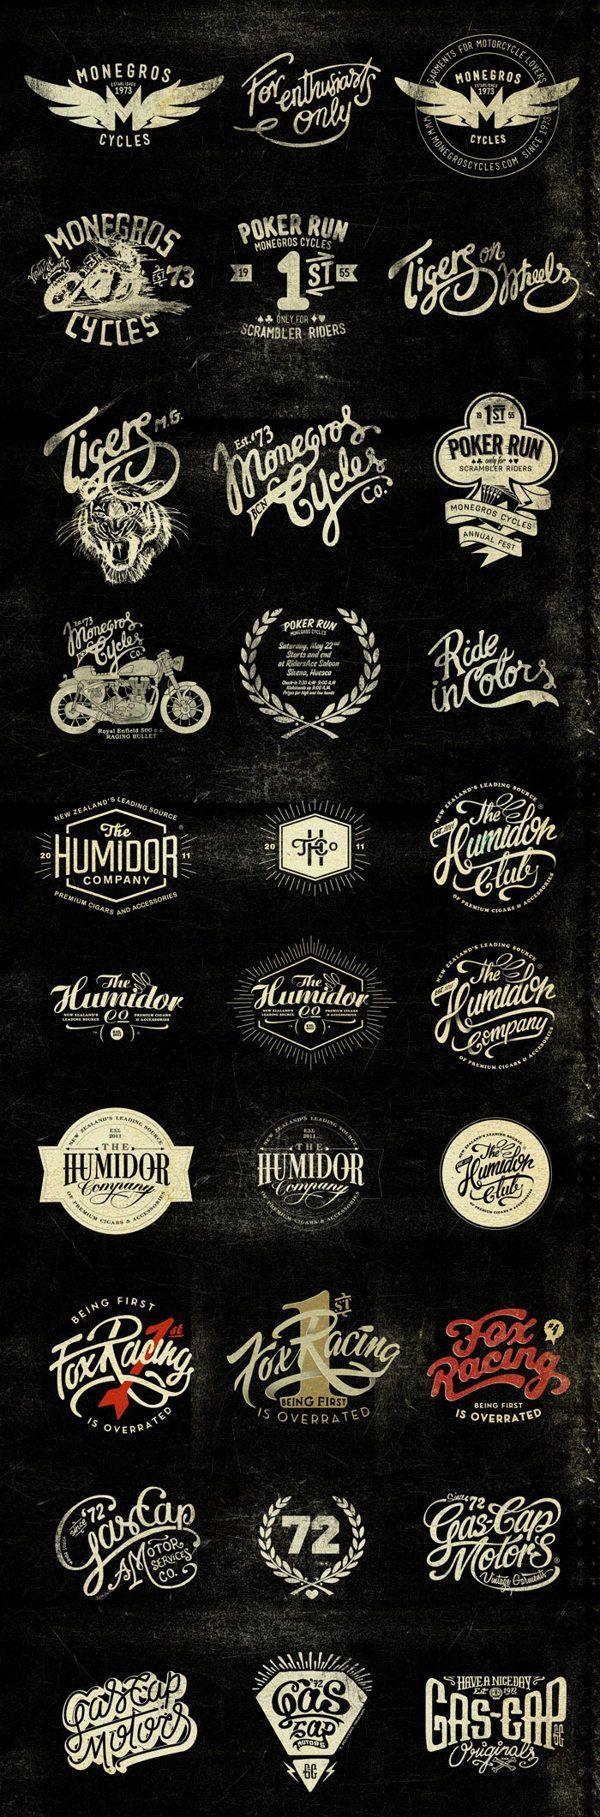 Alex Ramon Mas designs